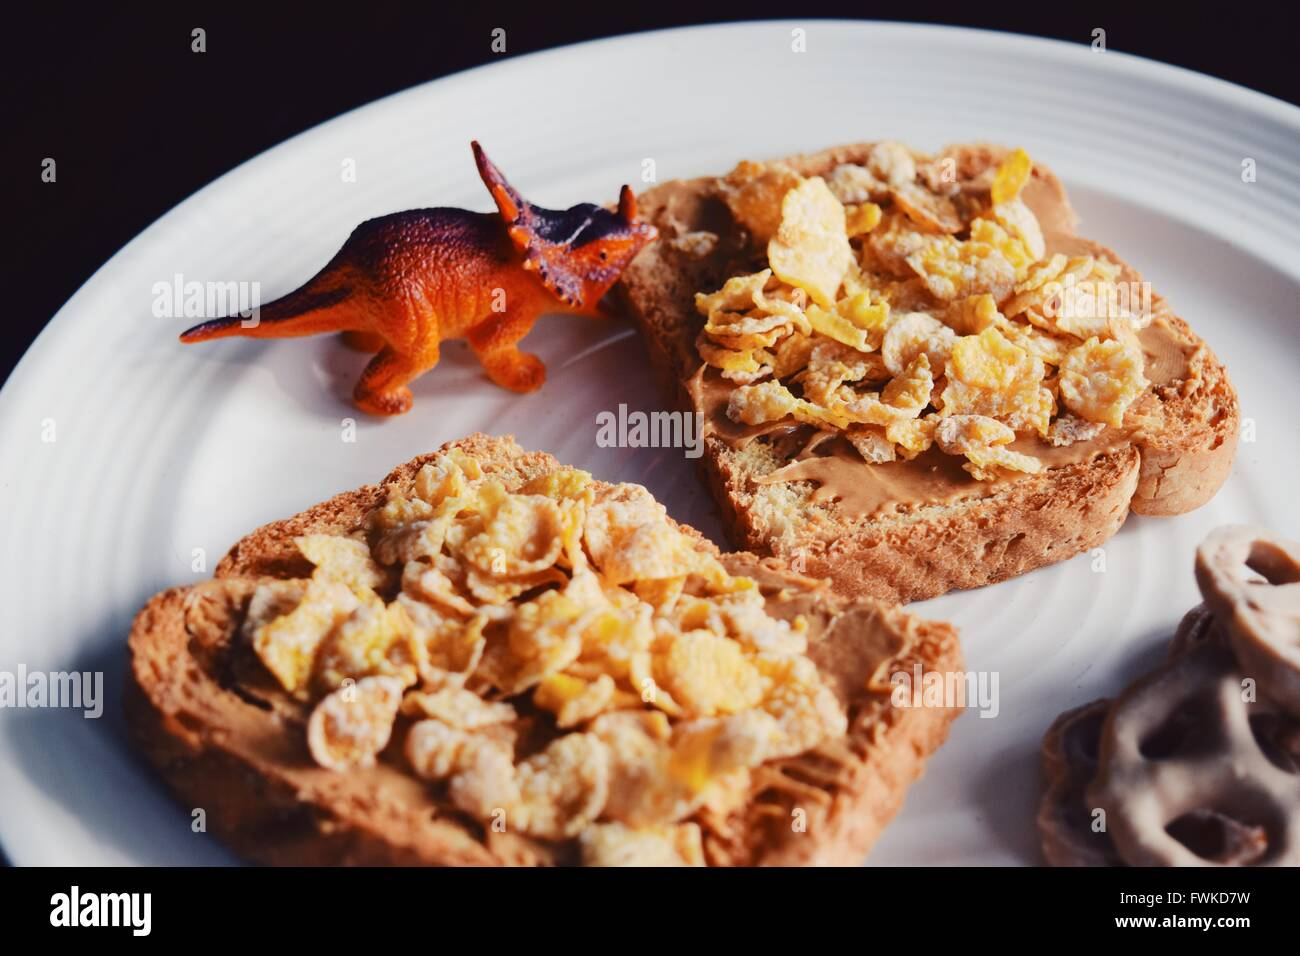 Juguete de dinosaurio con desayuno servido en la placa Imagen De Stock